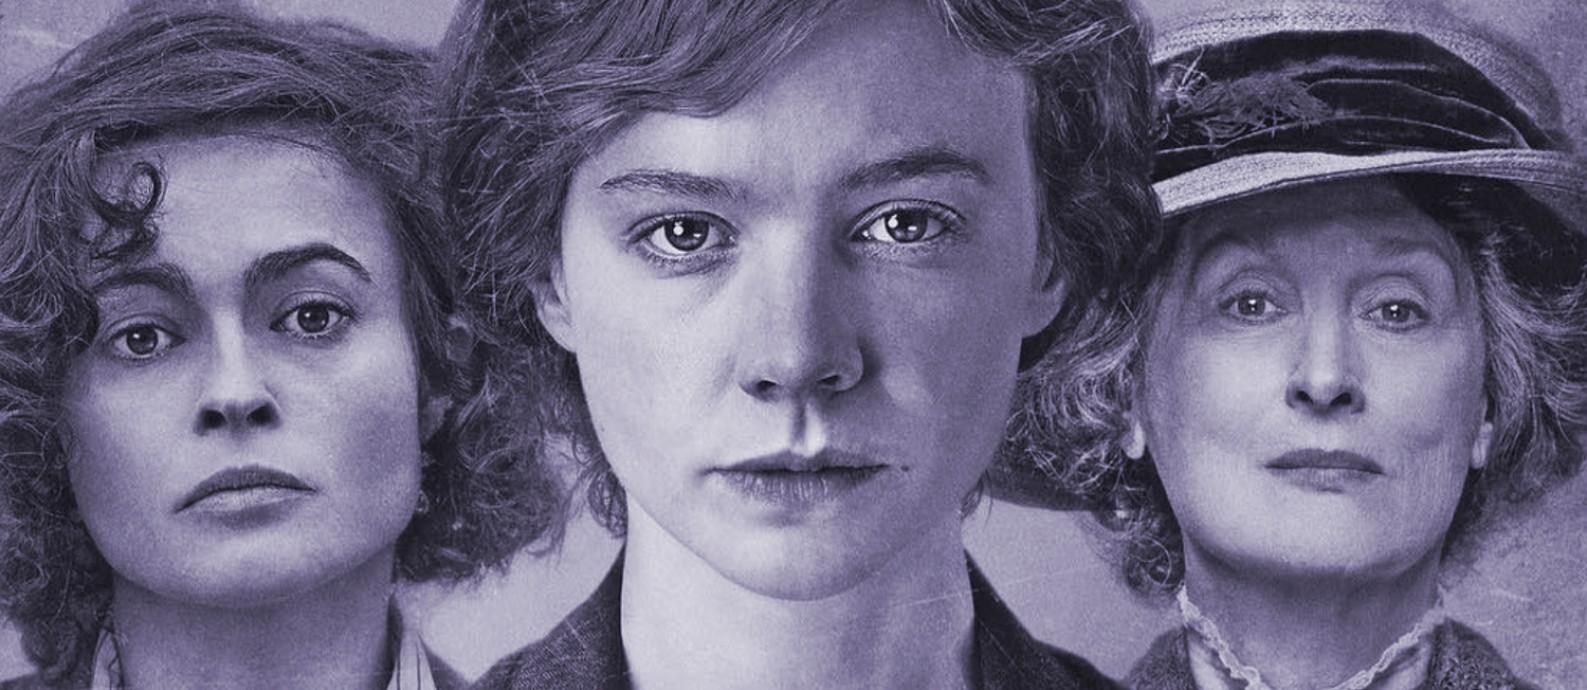 """O filme """"As Sufragistas"""" retrata a luta de mulheres pelo direito ao voto na Inglaterra, no início do século XX Foto: Divulgação"""